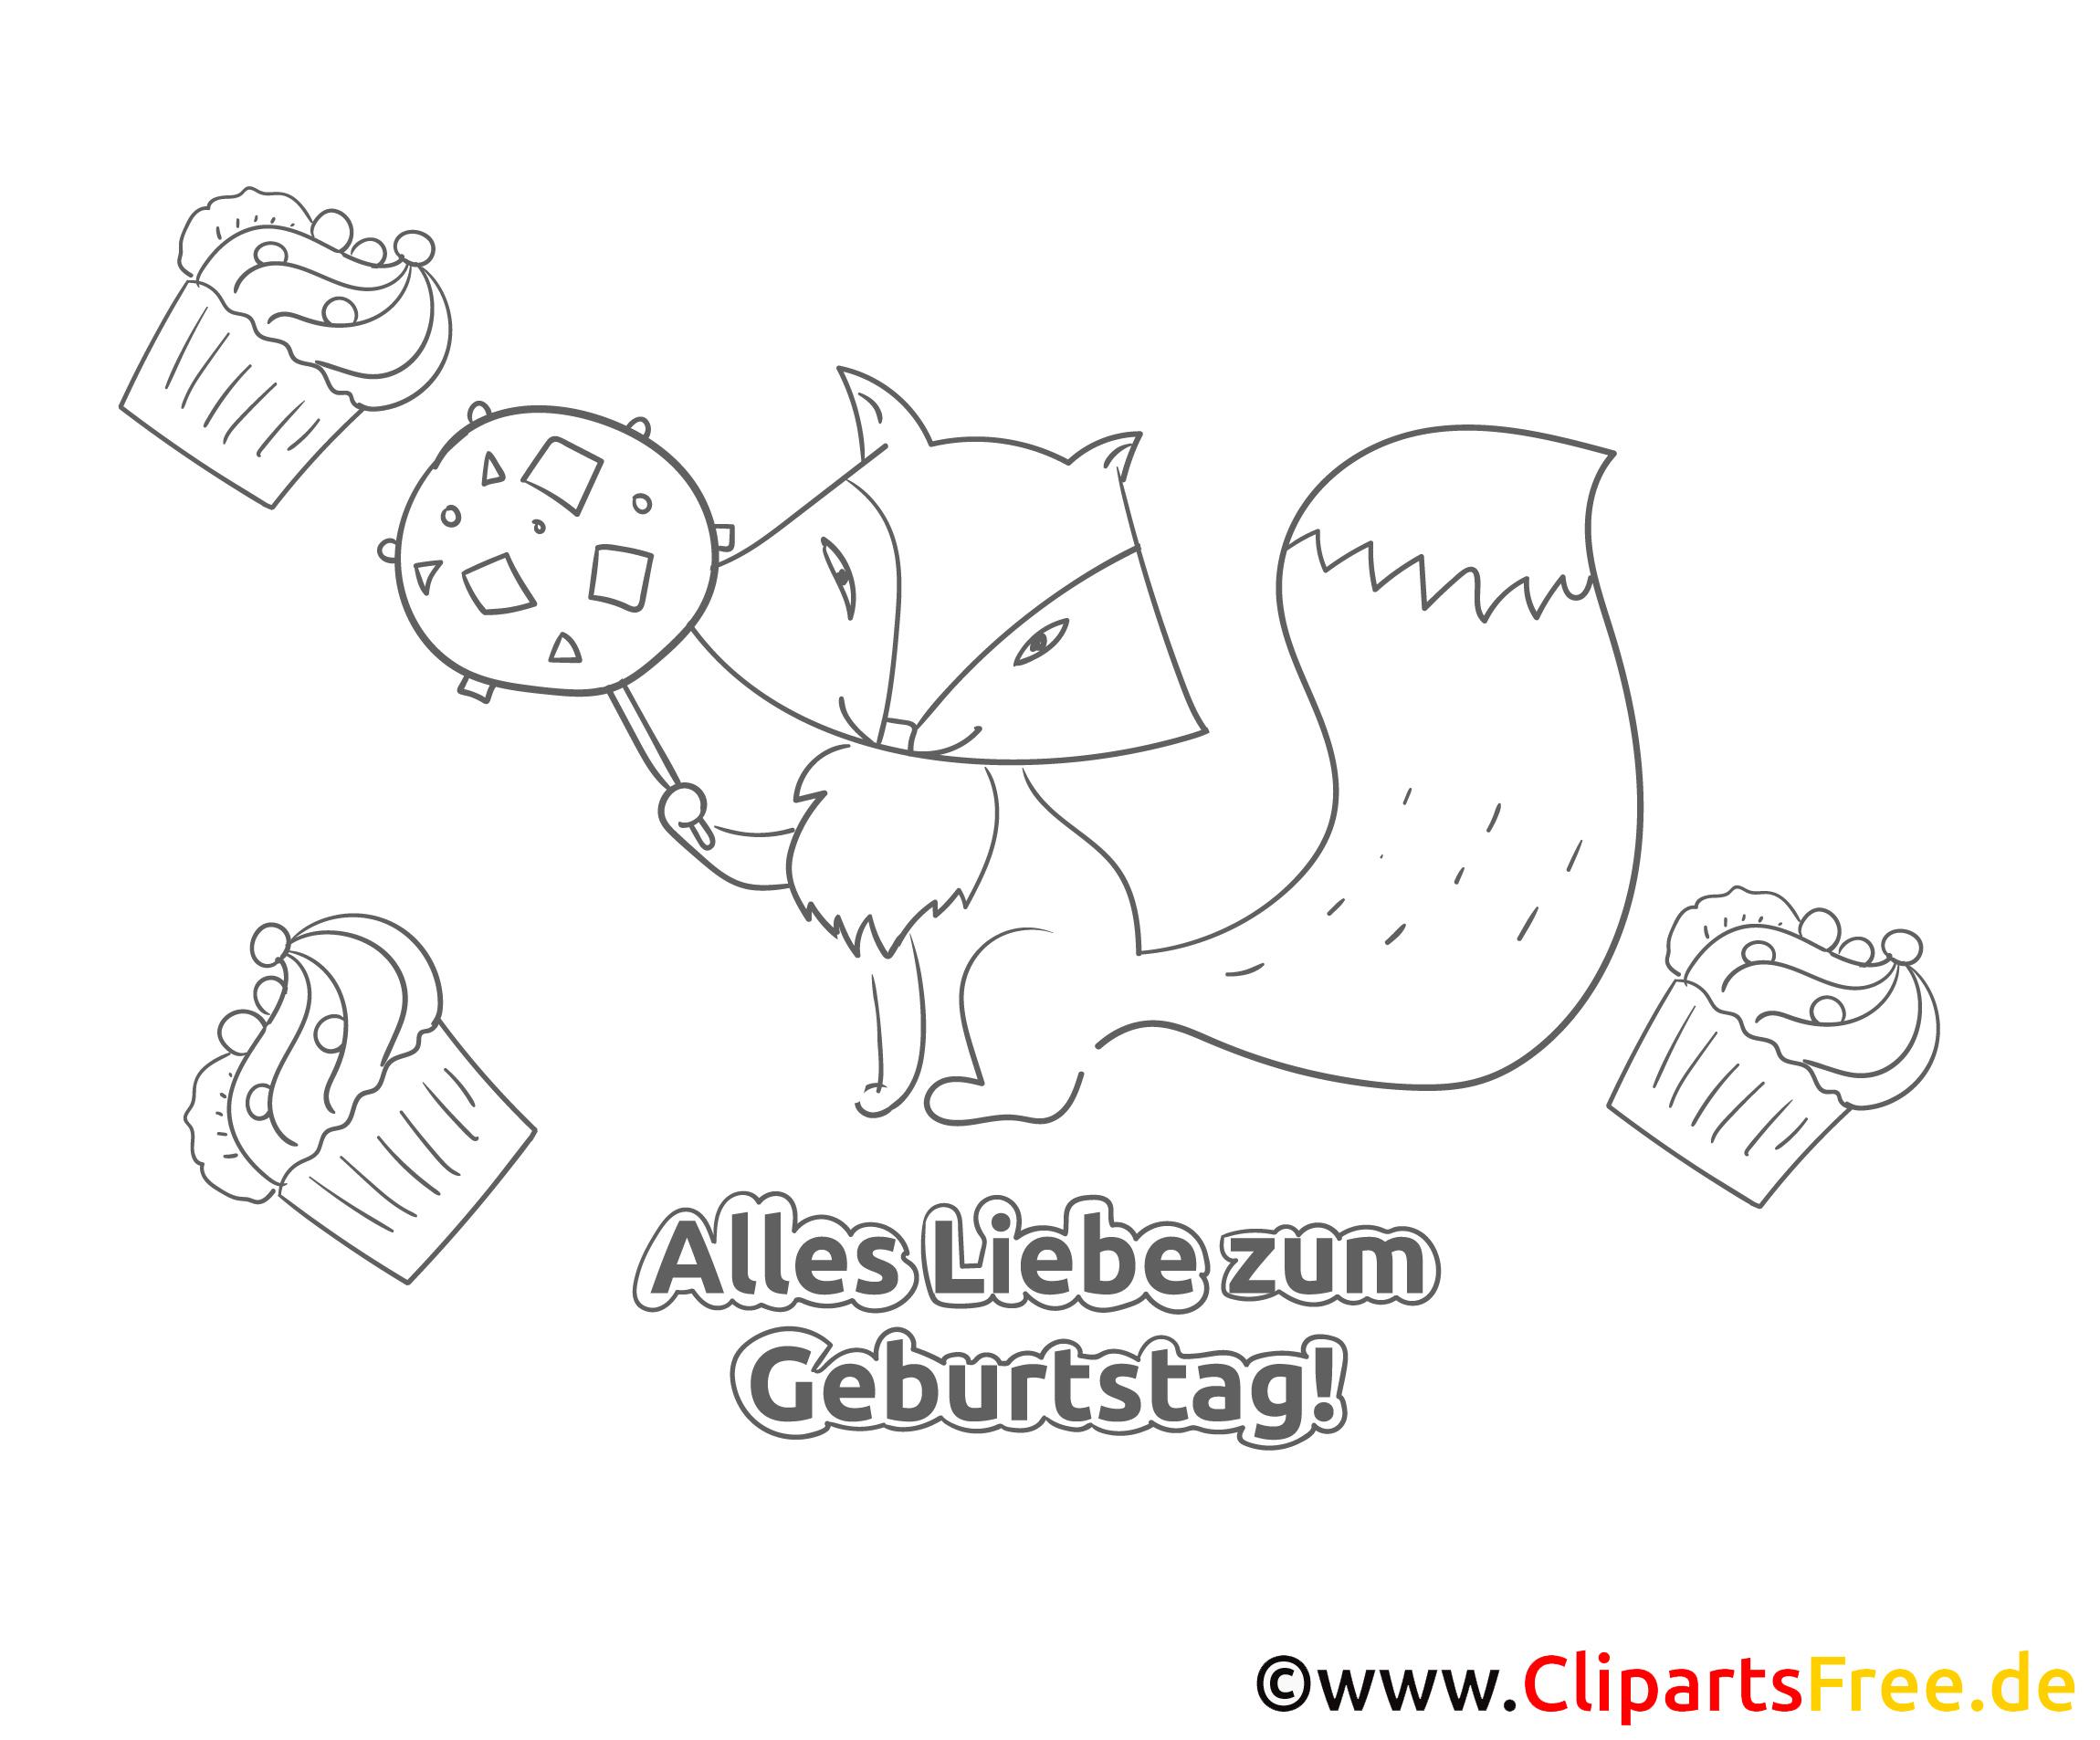 Ausmalbilder Kinder Fuchs: Fuchs Süßigkeit Geburtstag Ausmalbild-Grusskarte